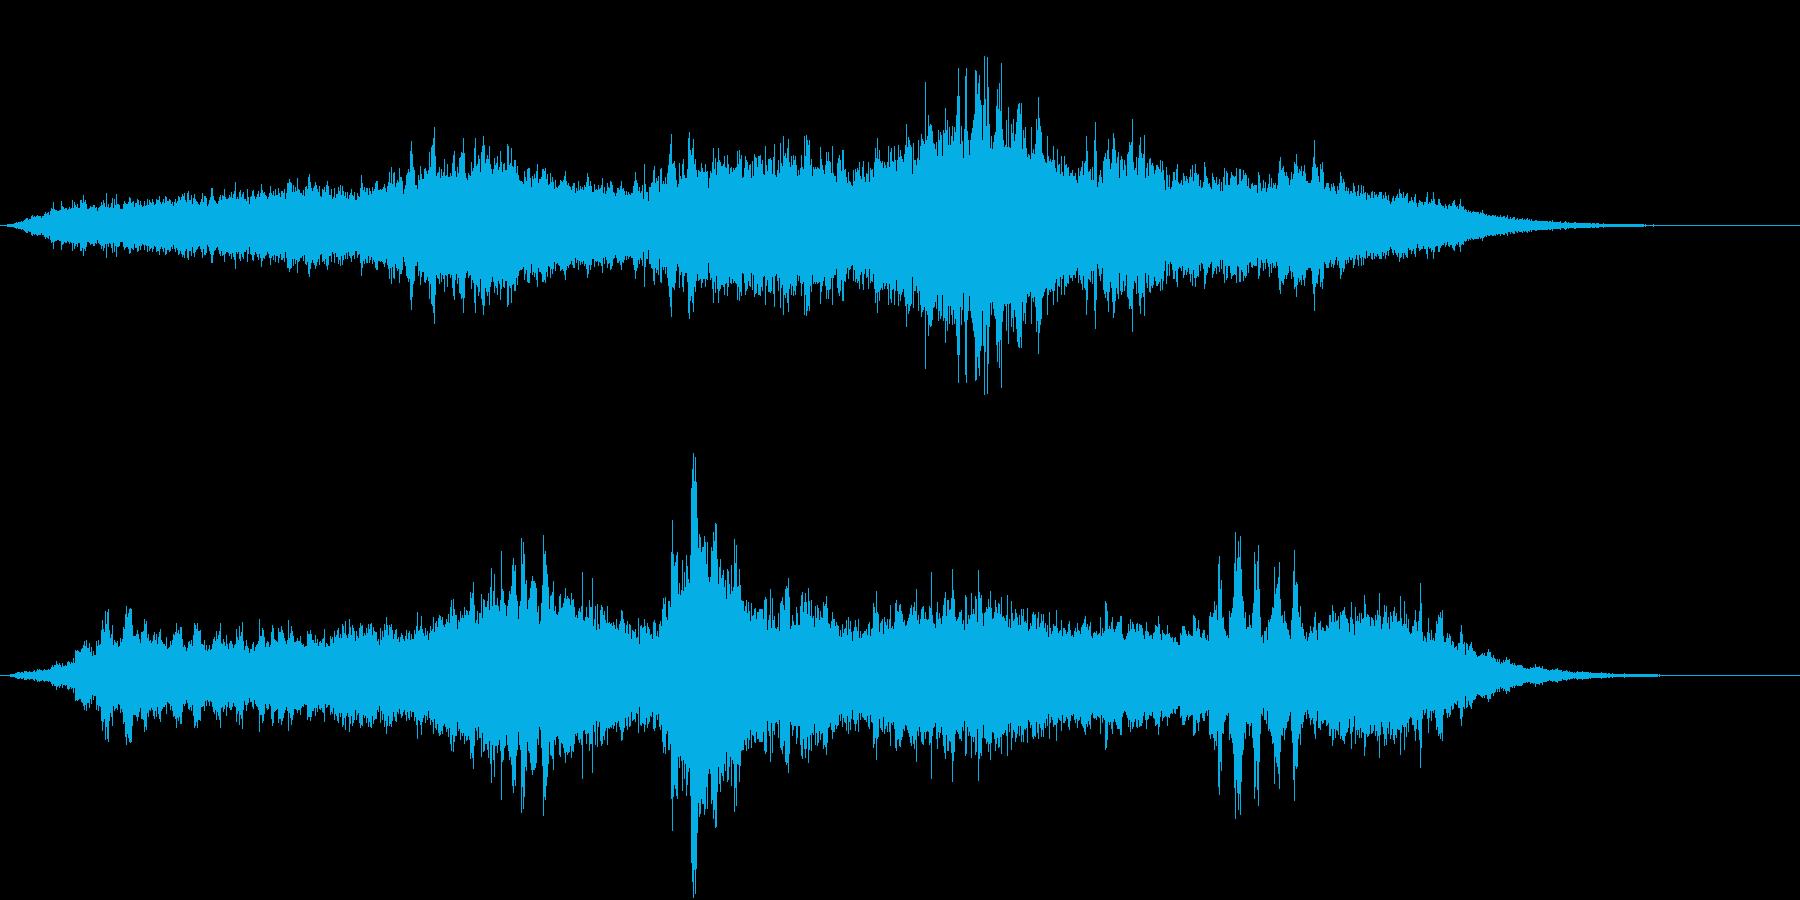 シンセによる怪しげな虫の音の大合唱の再生済みの波形